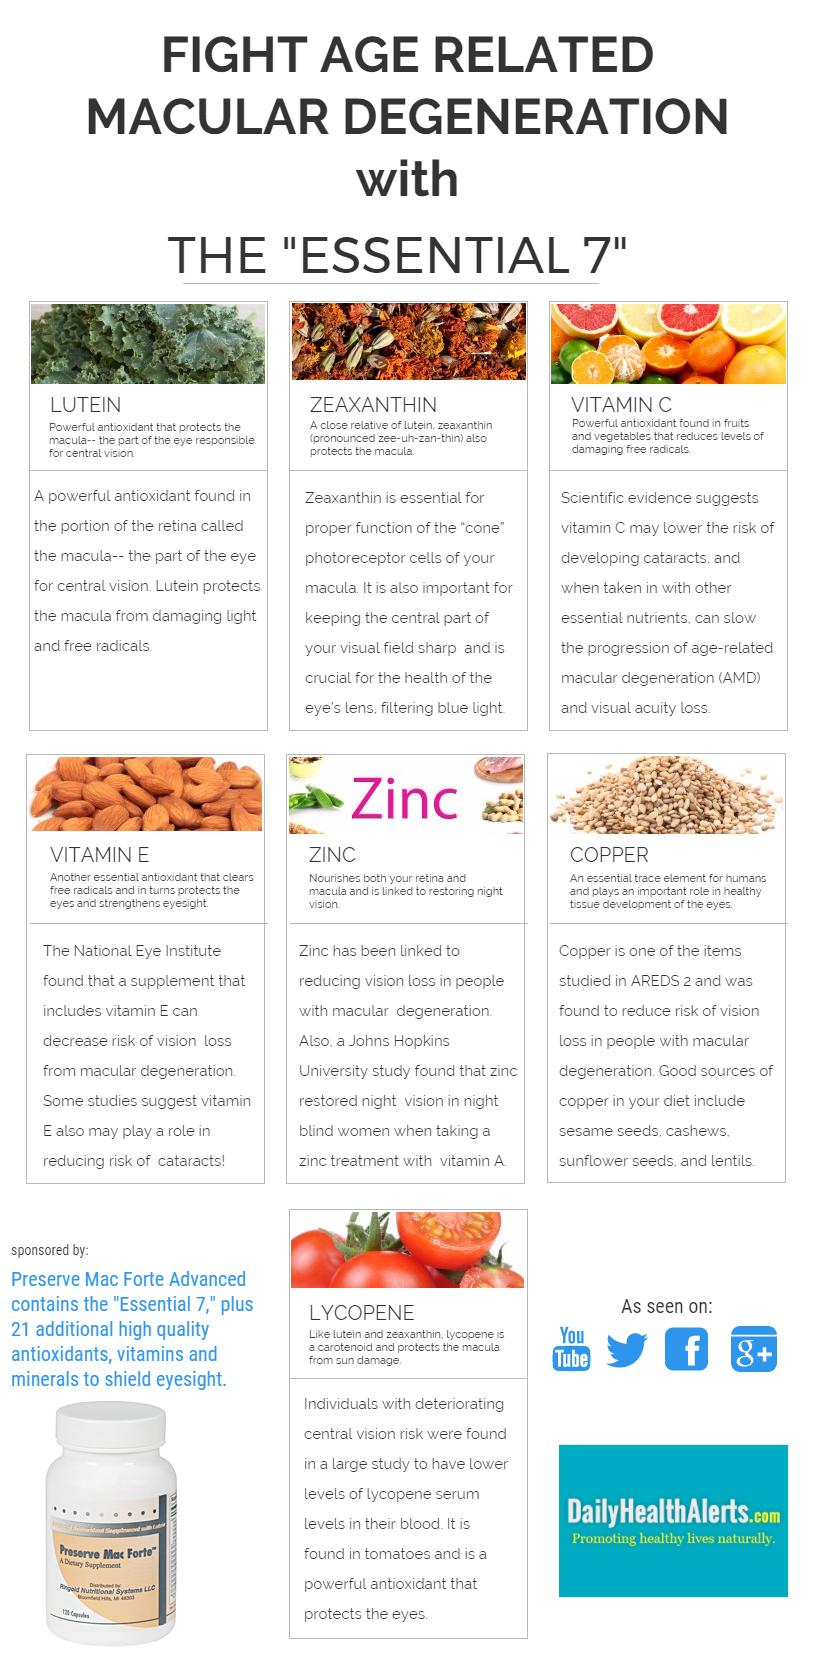 Macular degeneration vitamins.